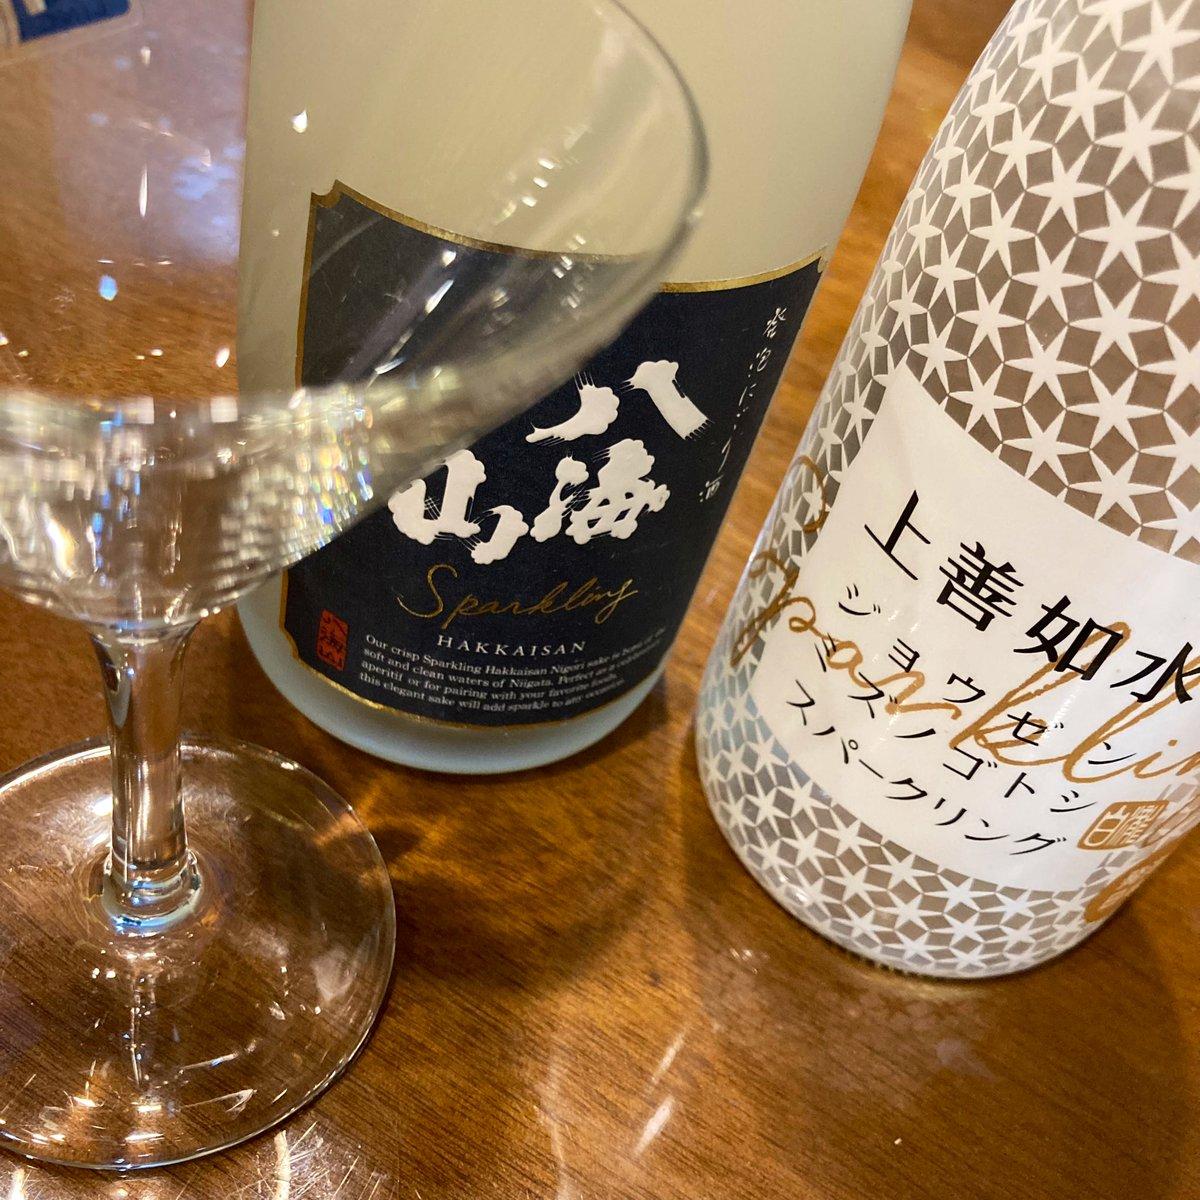 test ツイッターメディア - お盆から温めてたお酒やっと飲んだ〜!八海山は清酒は結構いけたのににごりになると、酒弱にはキツいな!一口目に八海山スパークリングだと甘みを感じるけど、ご飯やおかず食べたらもう私は苦味しか感じられなかった😭香りもザ・日本酒だし後味も苦味とアルコール感がすごくてお酒強い人向けかなあ https://t.co/eZieTsdkTQ